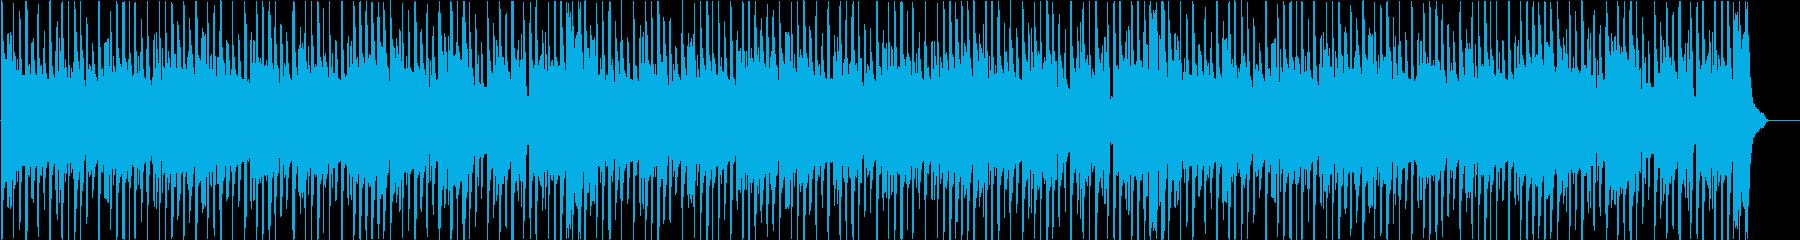 コミカルで陽気なブルースファンクの再生済みの波形